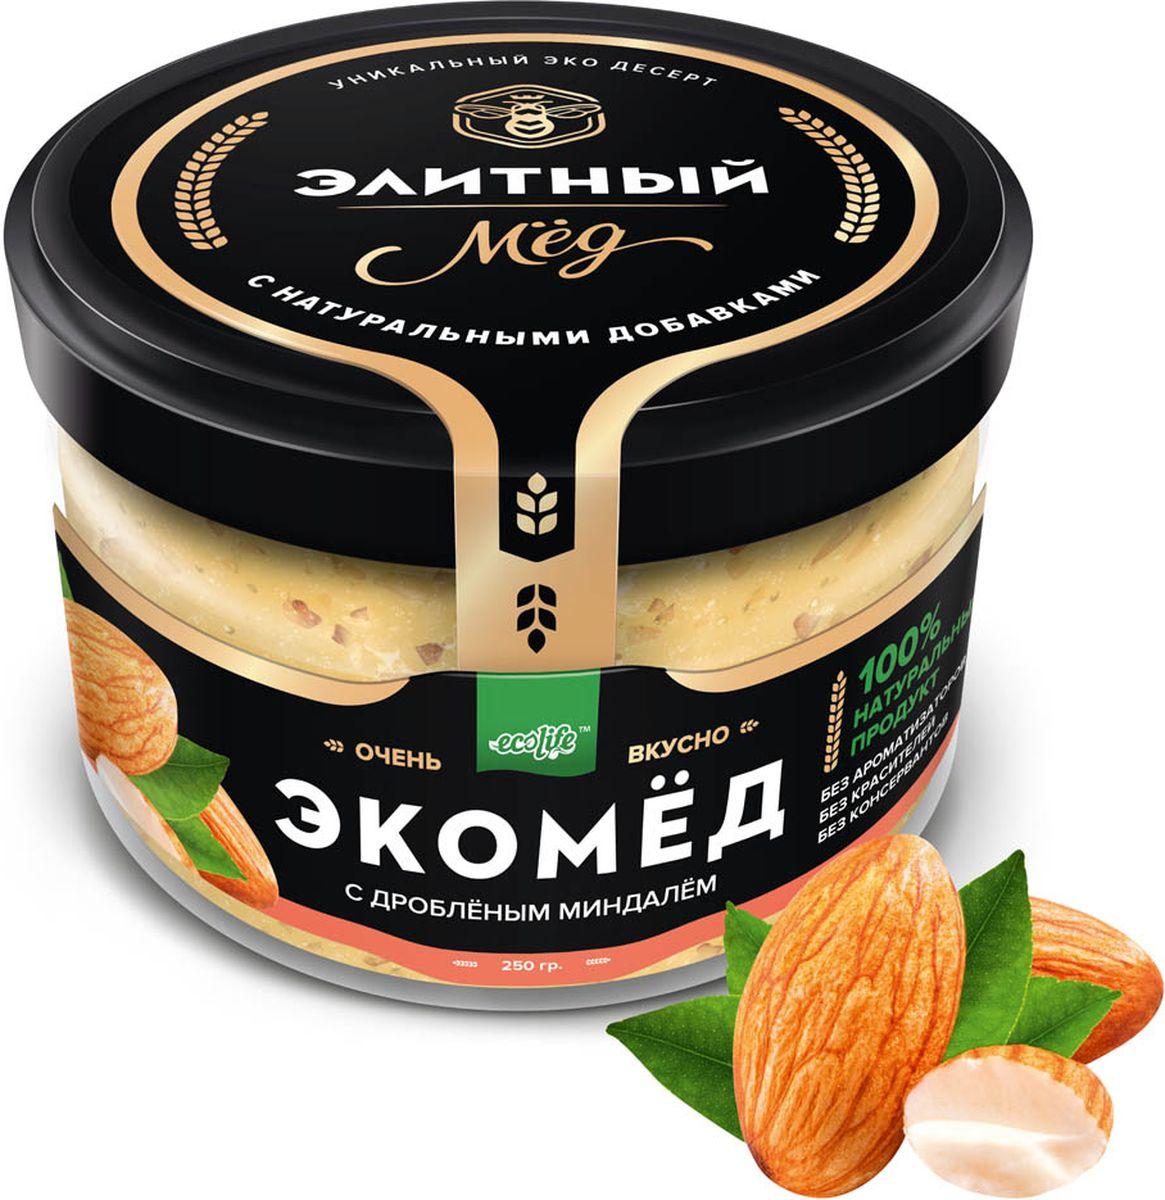 Ecolife Экомед с миндалем, 250 г4665298961684100% натуральный экопродукт, имеющий в составе только натуральные ингредиенты. При изготовлении не используется дешевый подсолнечный мёд. Мед не нагревается, сохраняются все его полезные свойства. Экомёд не имеет эффекта расслаивания.